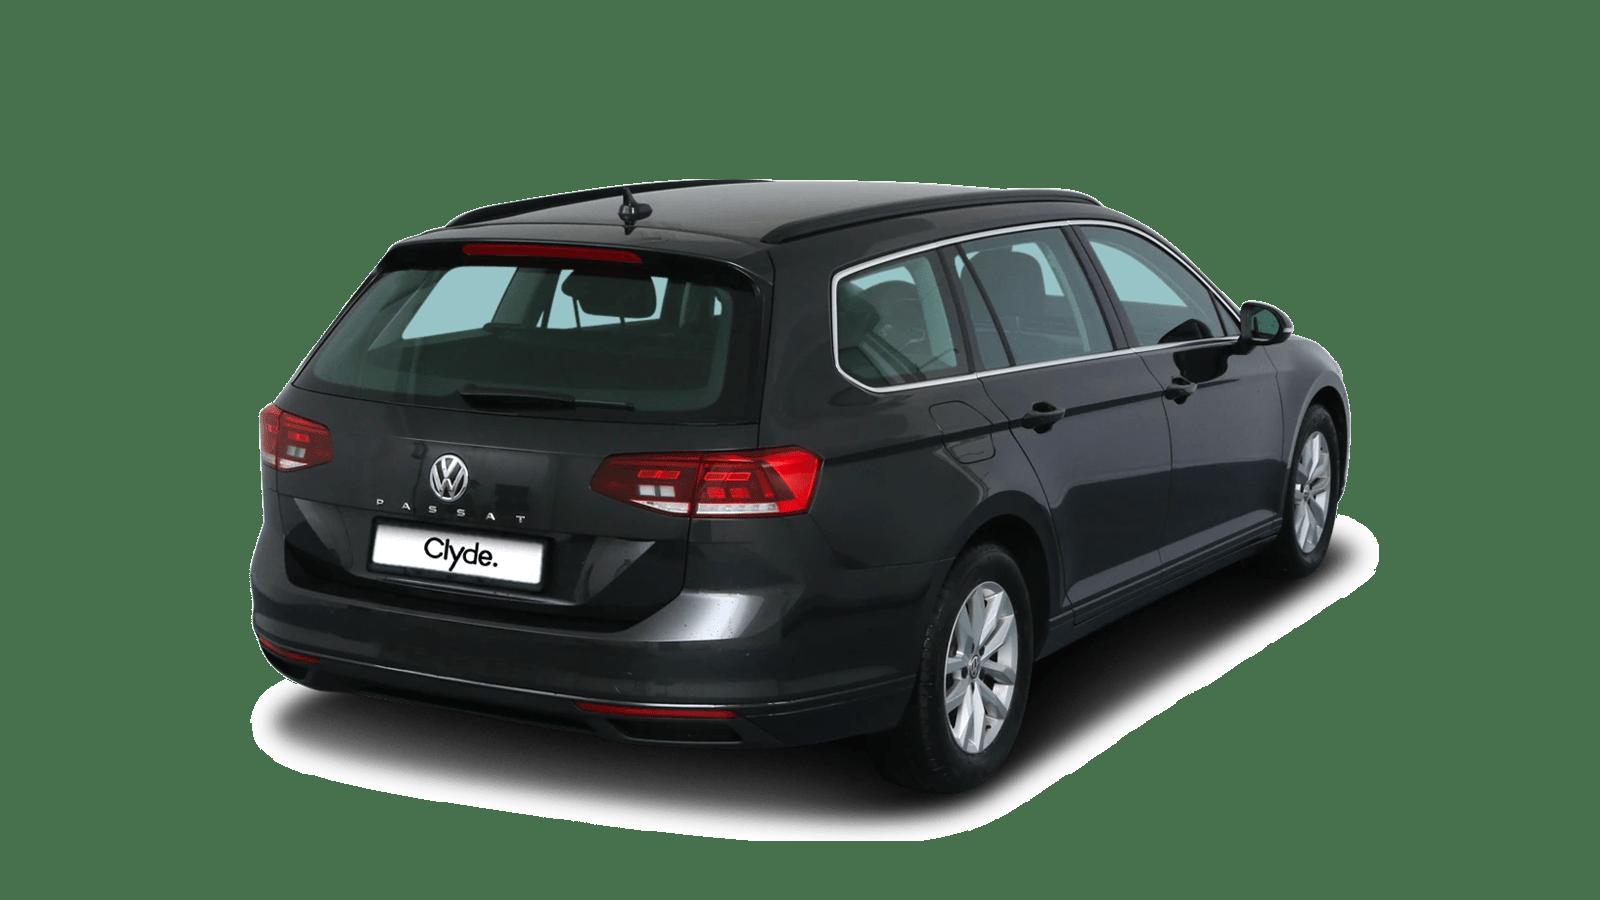 VW Passat Variant Grau front - Clyde Auto-Abo